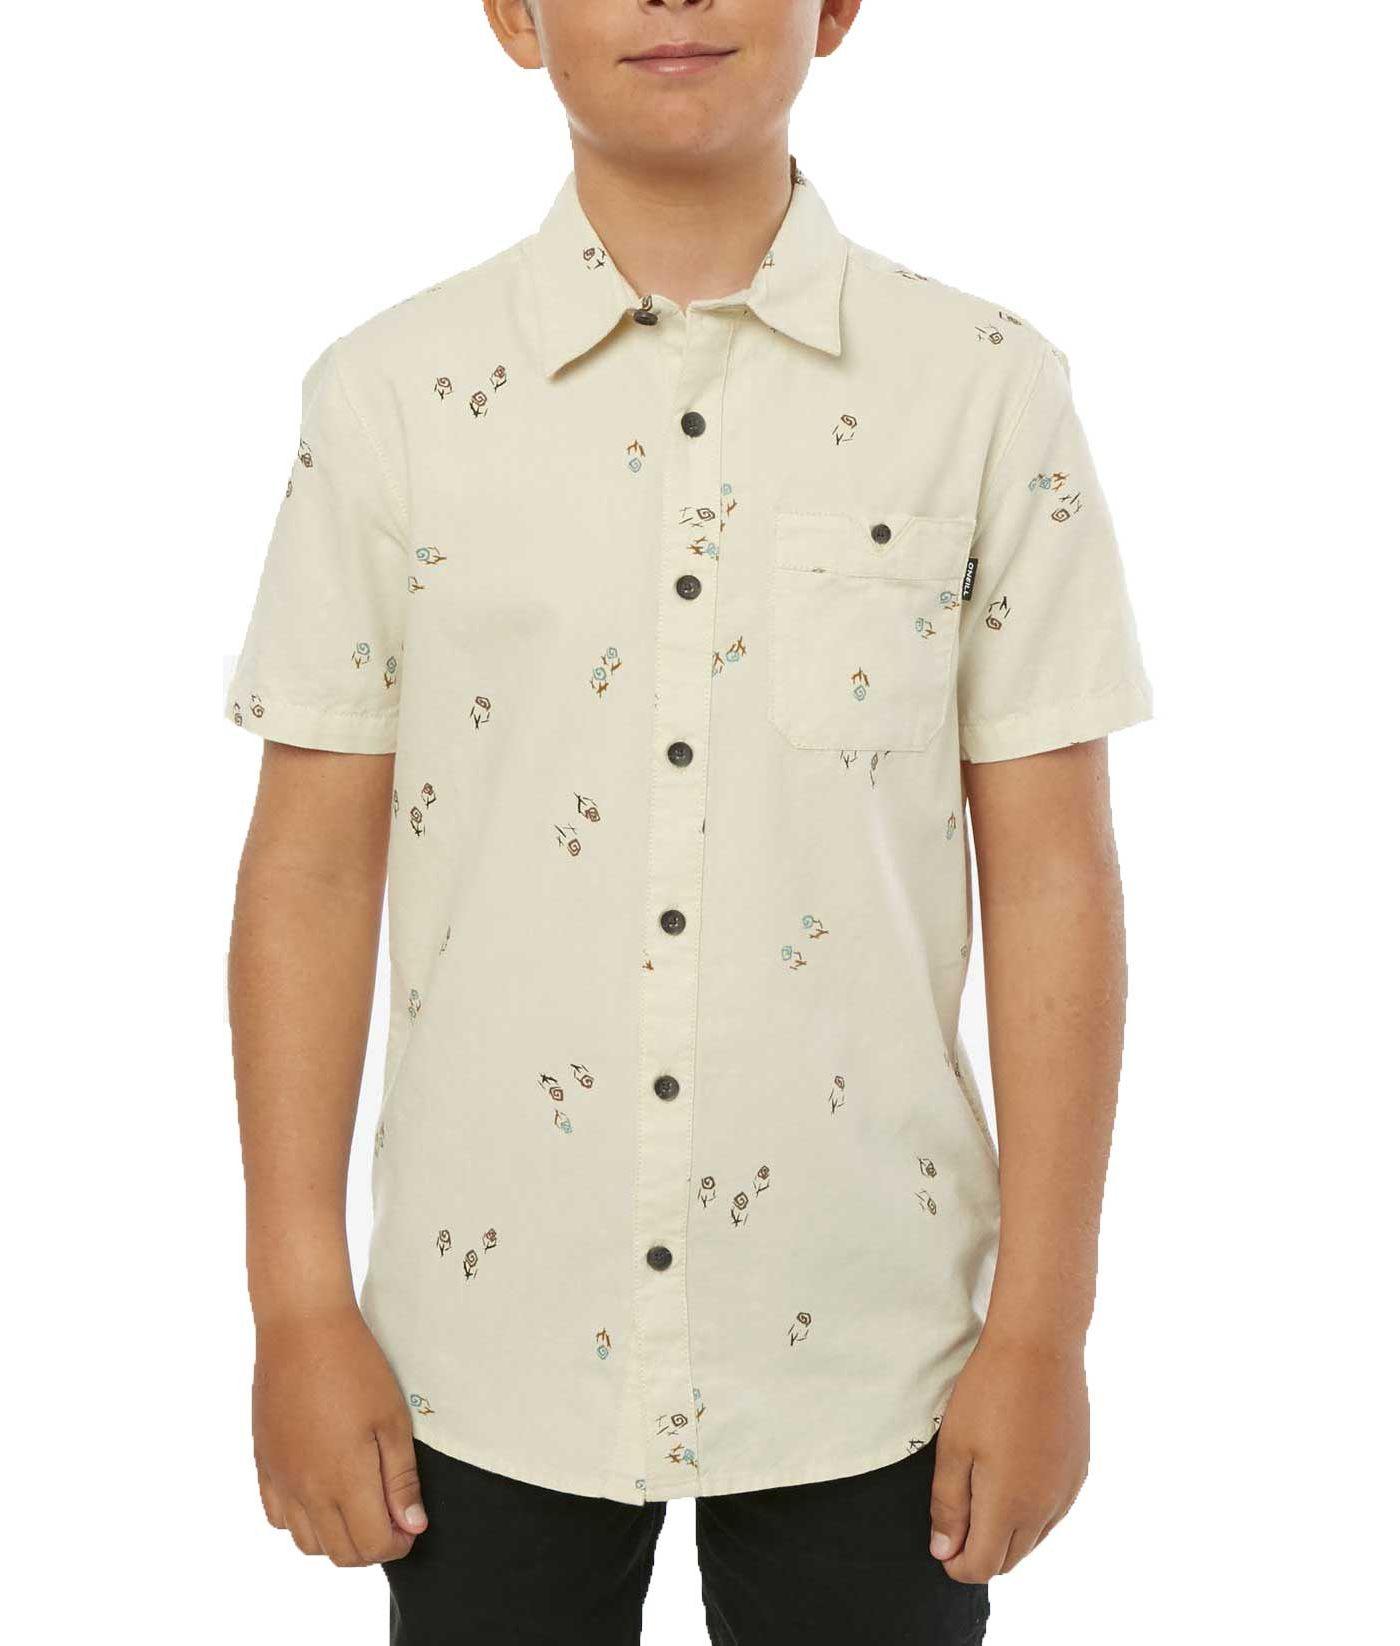 O'Neill Boys' Freeequency Short Sleeve Button Up Shirt